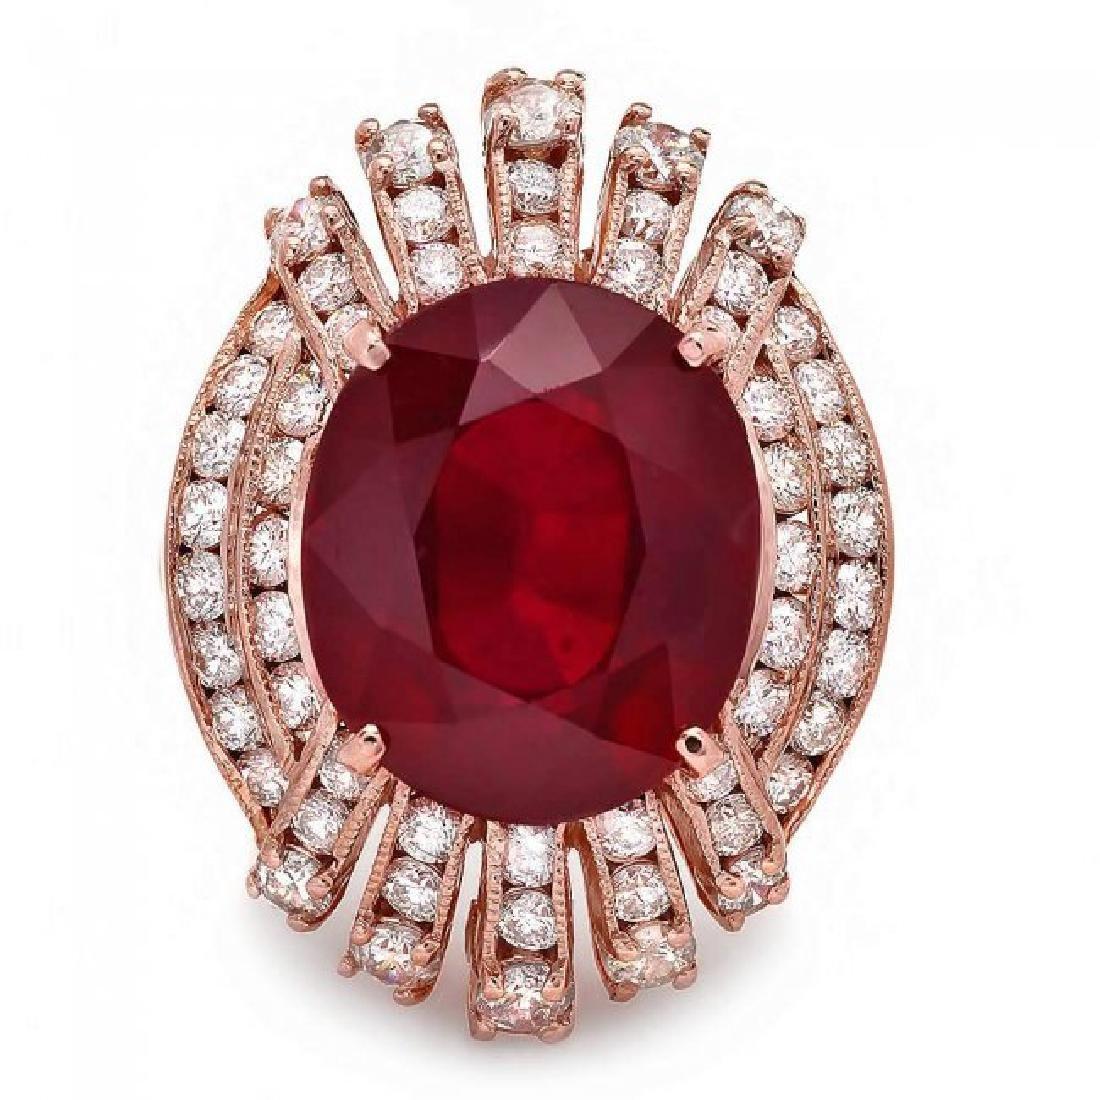 14k Rose Gold 11.80ct Ruby 1.80ct Diamond Ring - 2